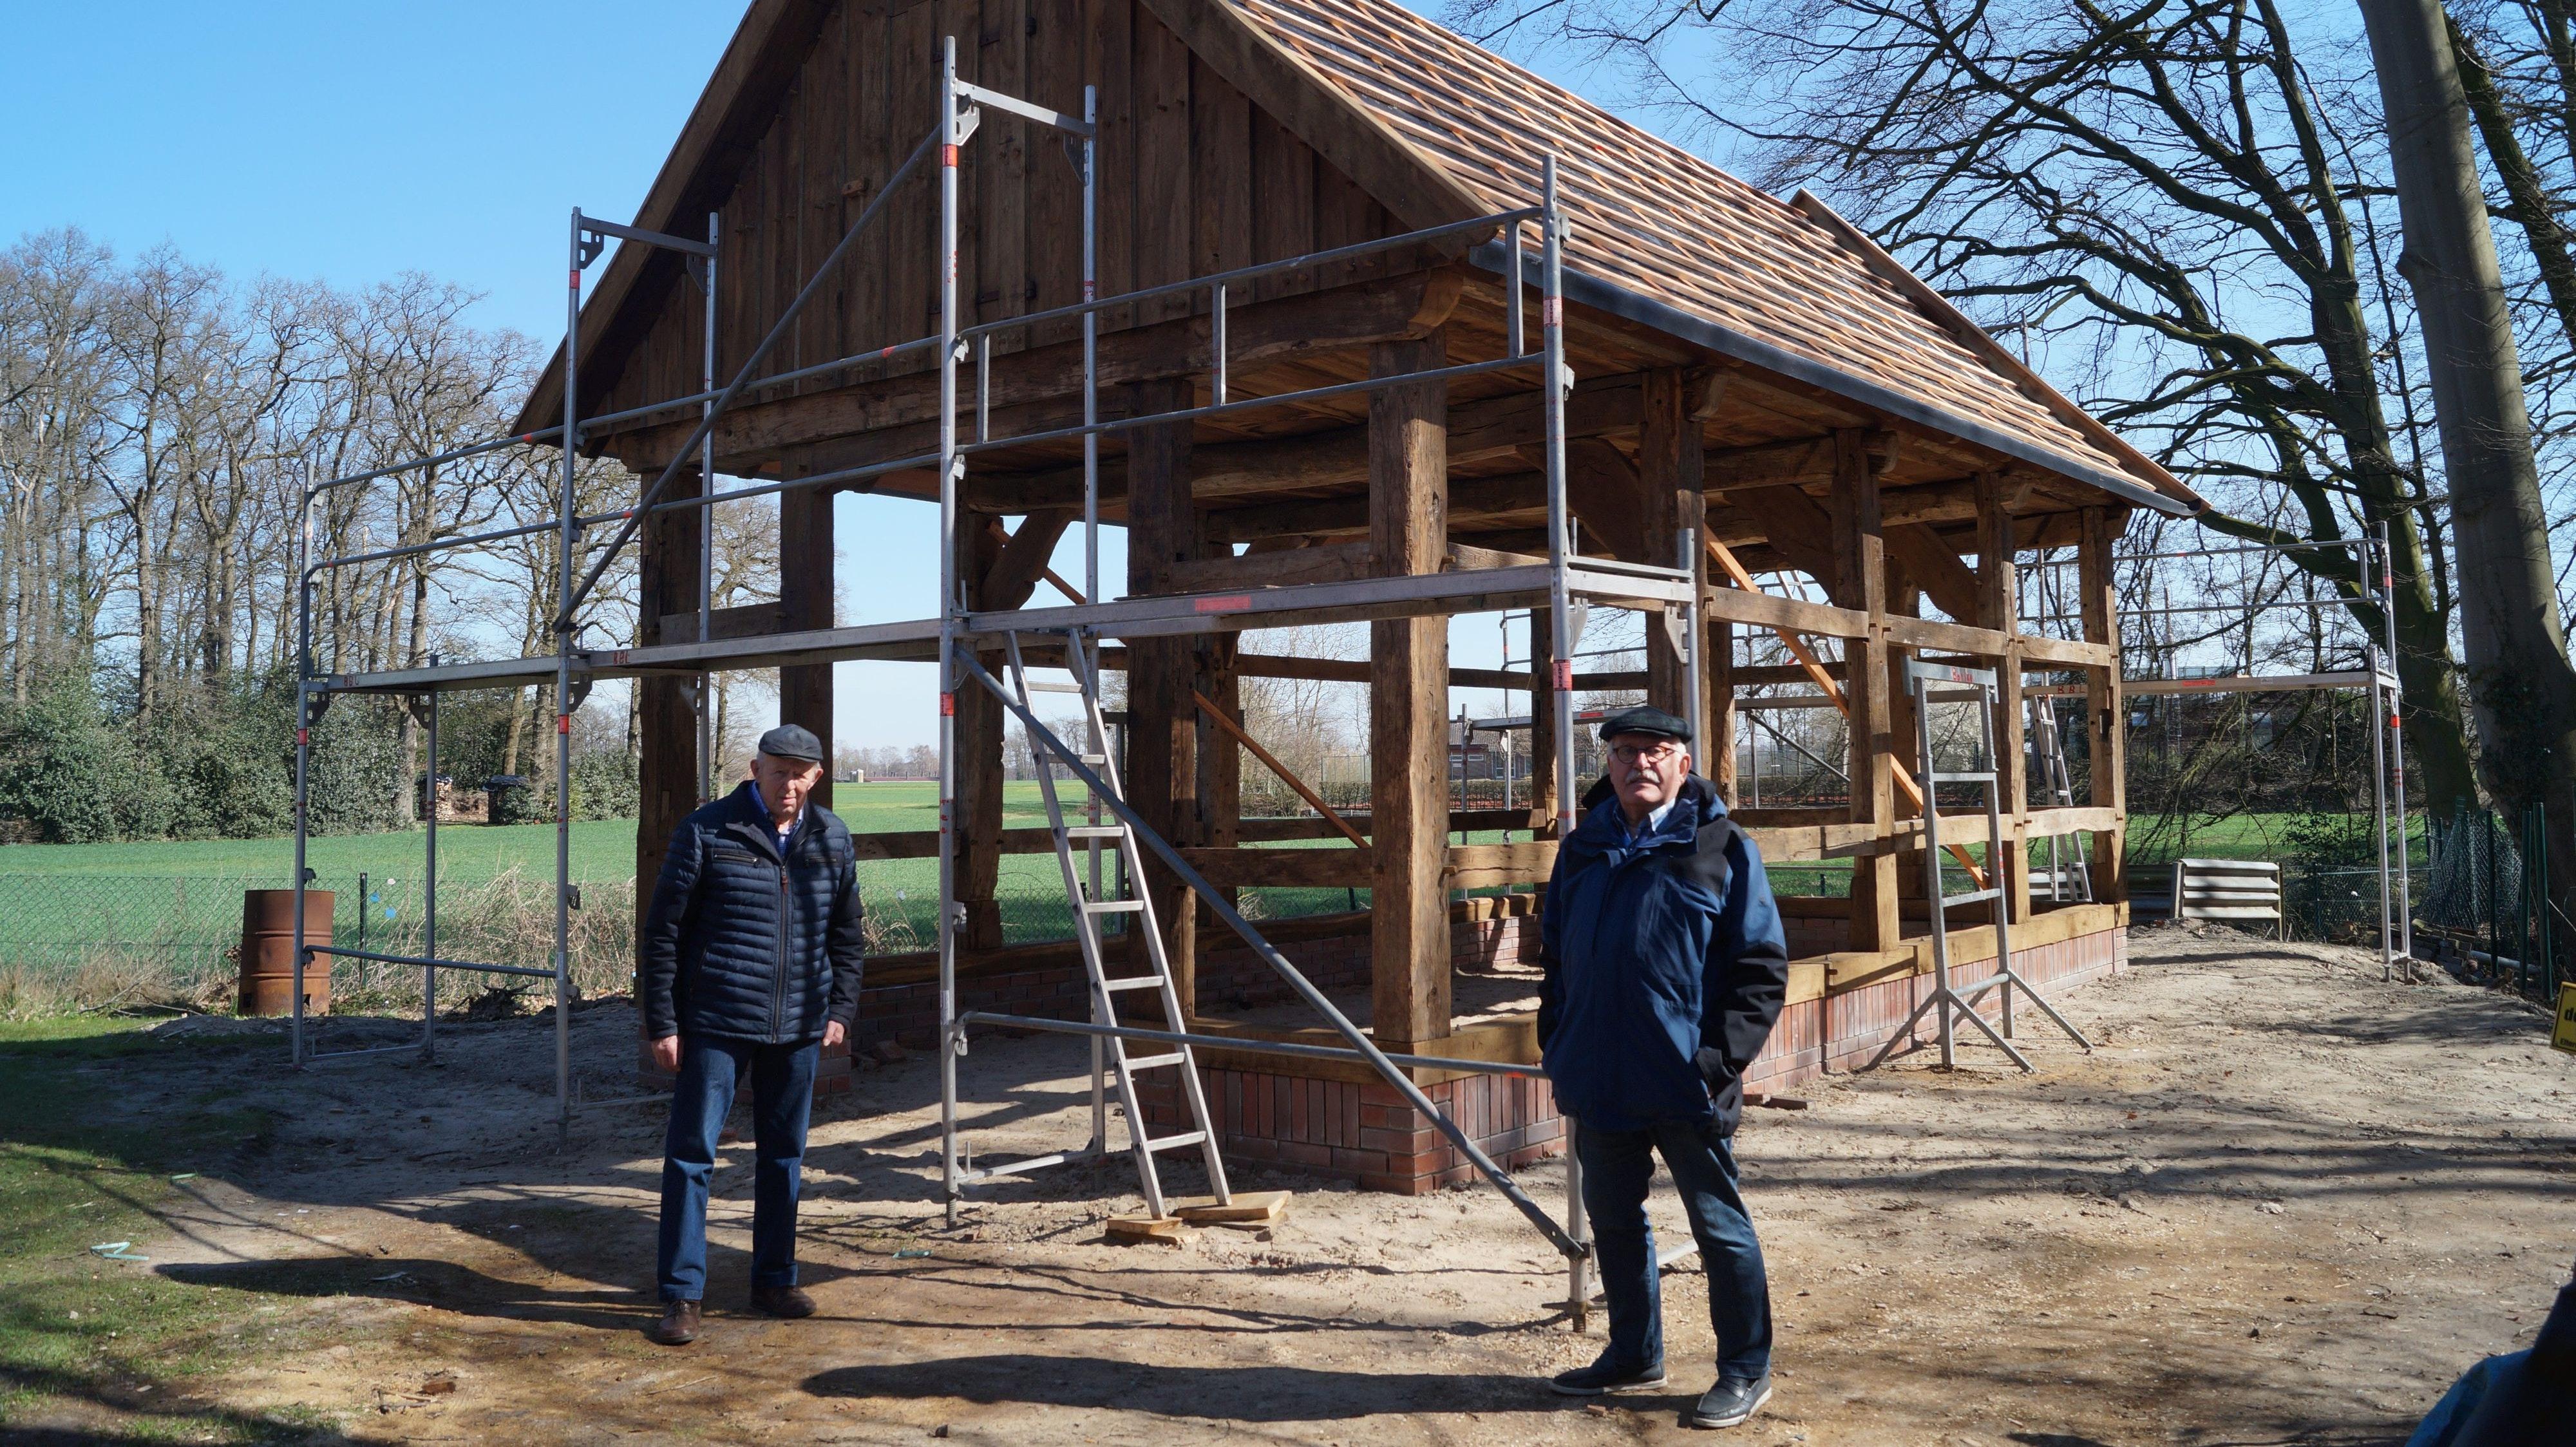 Zusätzliche Ausstellungsfläche: Werner Dullweber (links) und Franz-Josef Göttke vom Bakumer Heimatverein sind glücklich, dass die Scheune neu errichtet wird. Foto: C. Meyer